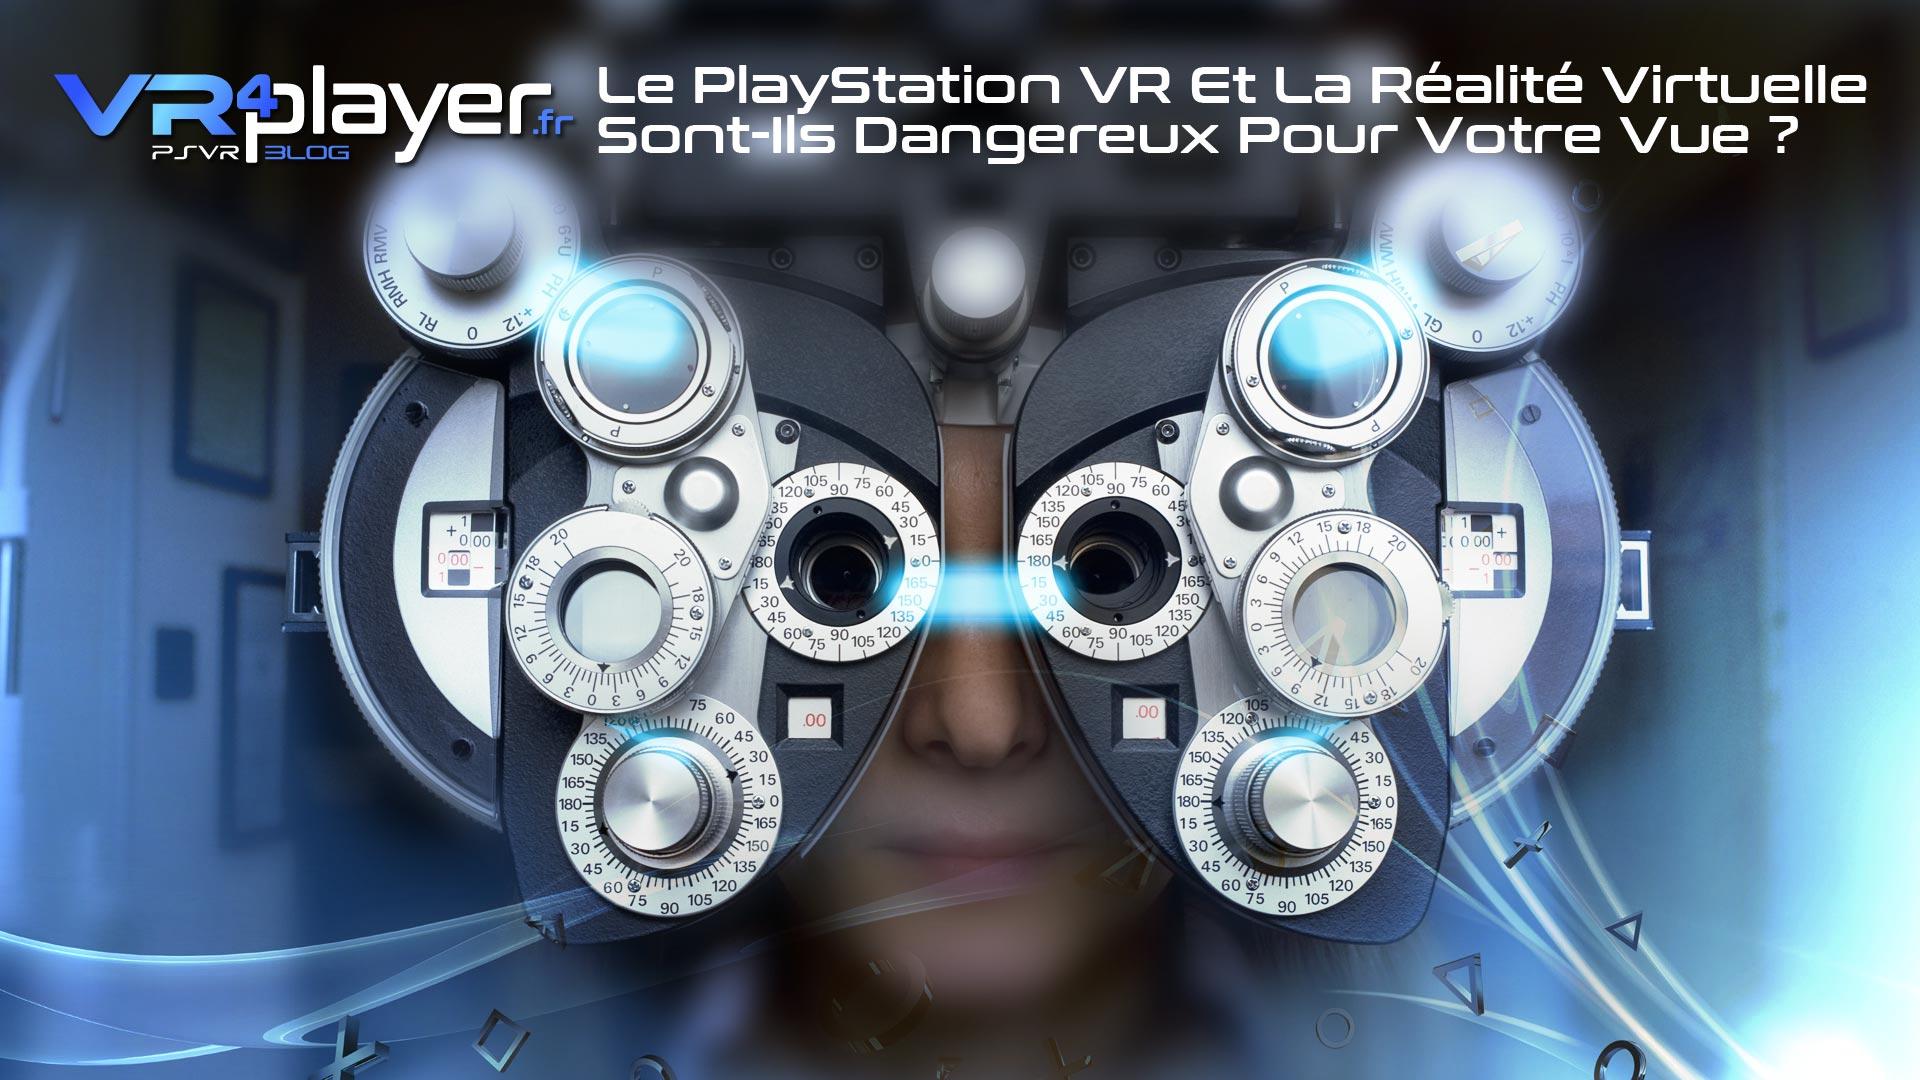 réalité virtuelle les dangers sur notre vue ? VR4Player